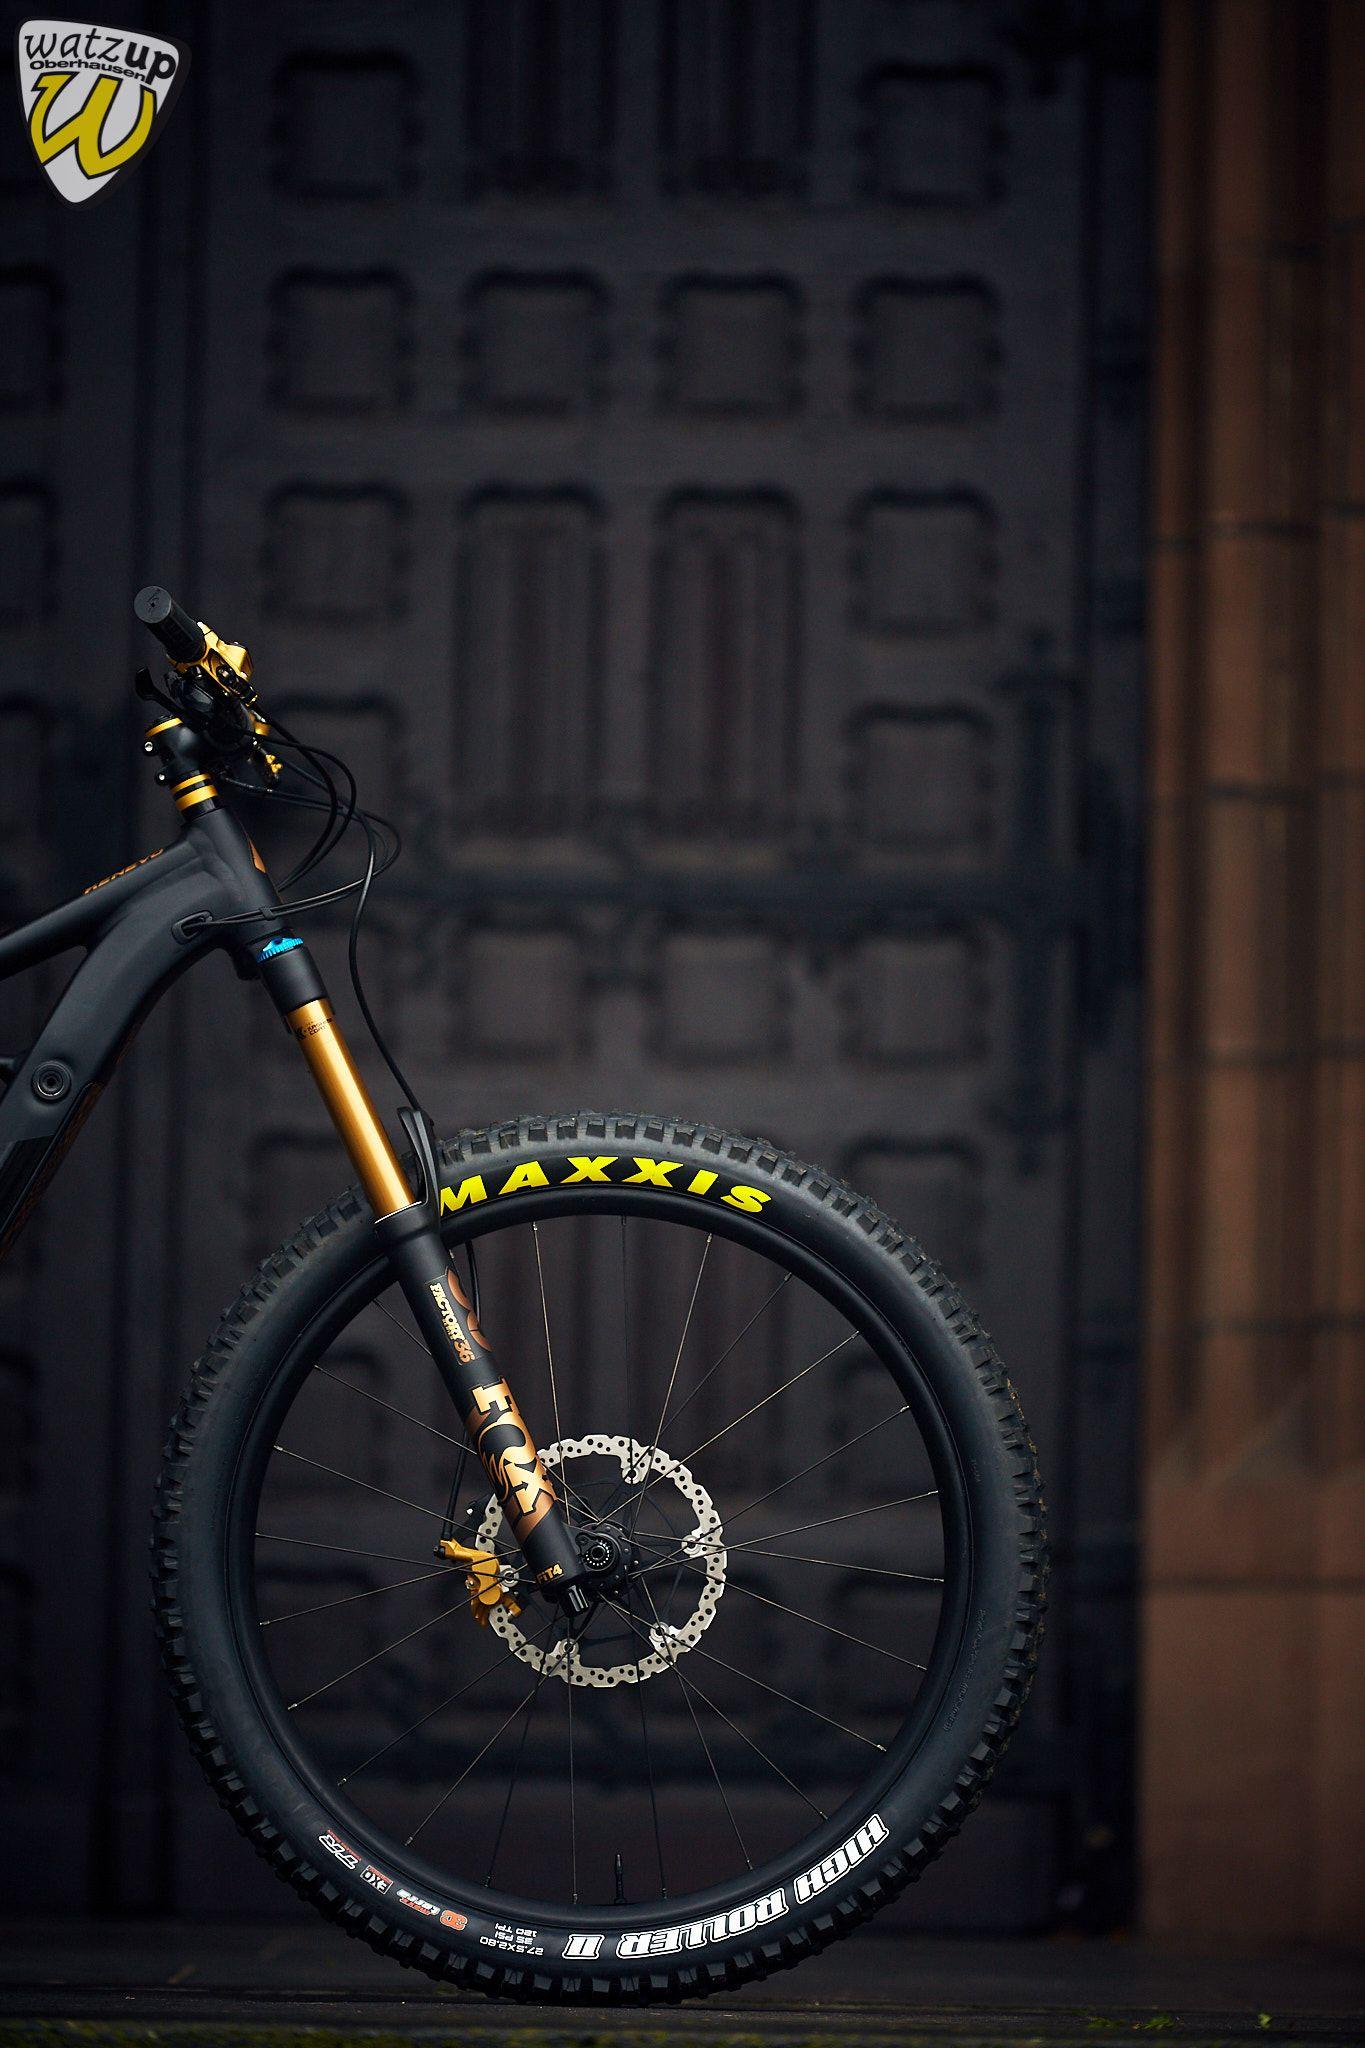 Pin De Duca En Specialized Kenevo Custom From Watzup Bike Bicicleta De Descenso Almacenamiento Para Bicicletas Bicicletas Enduro